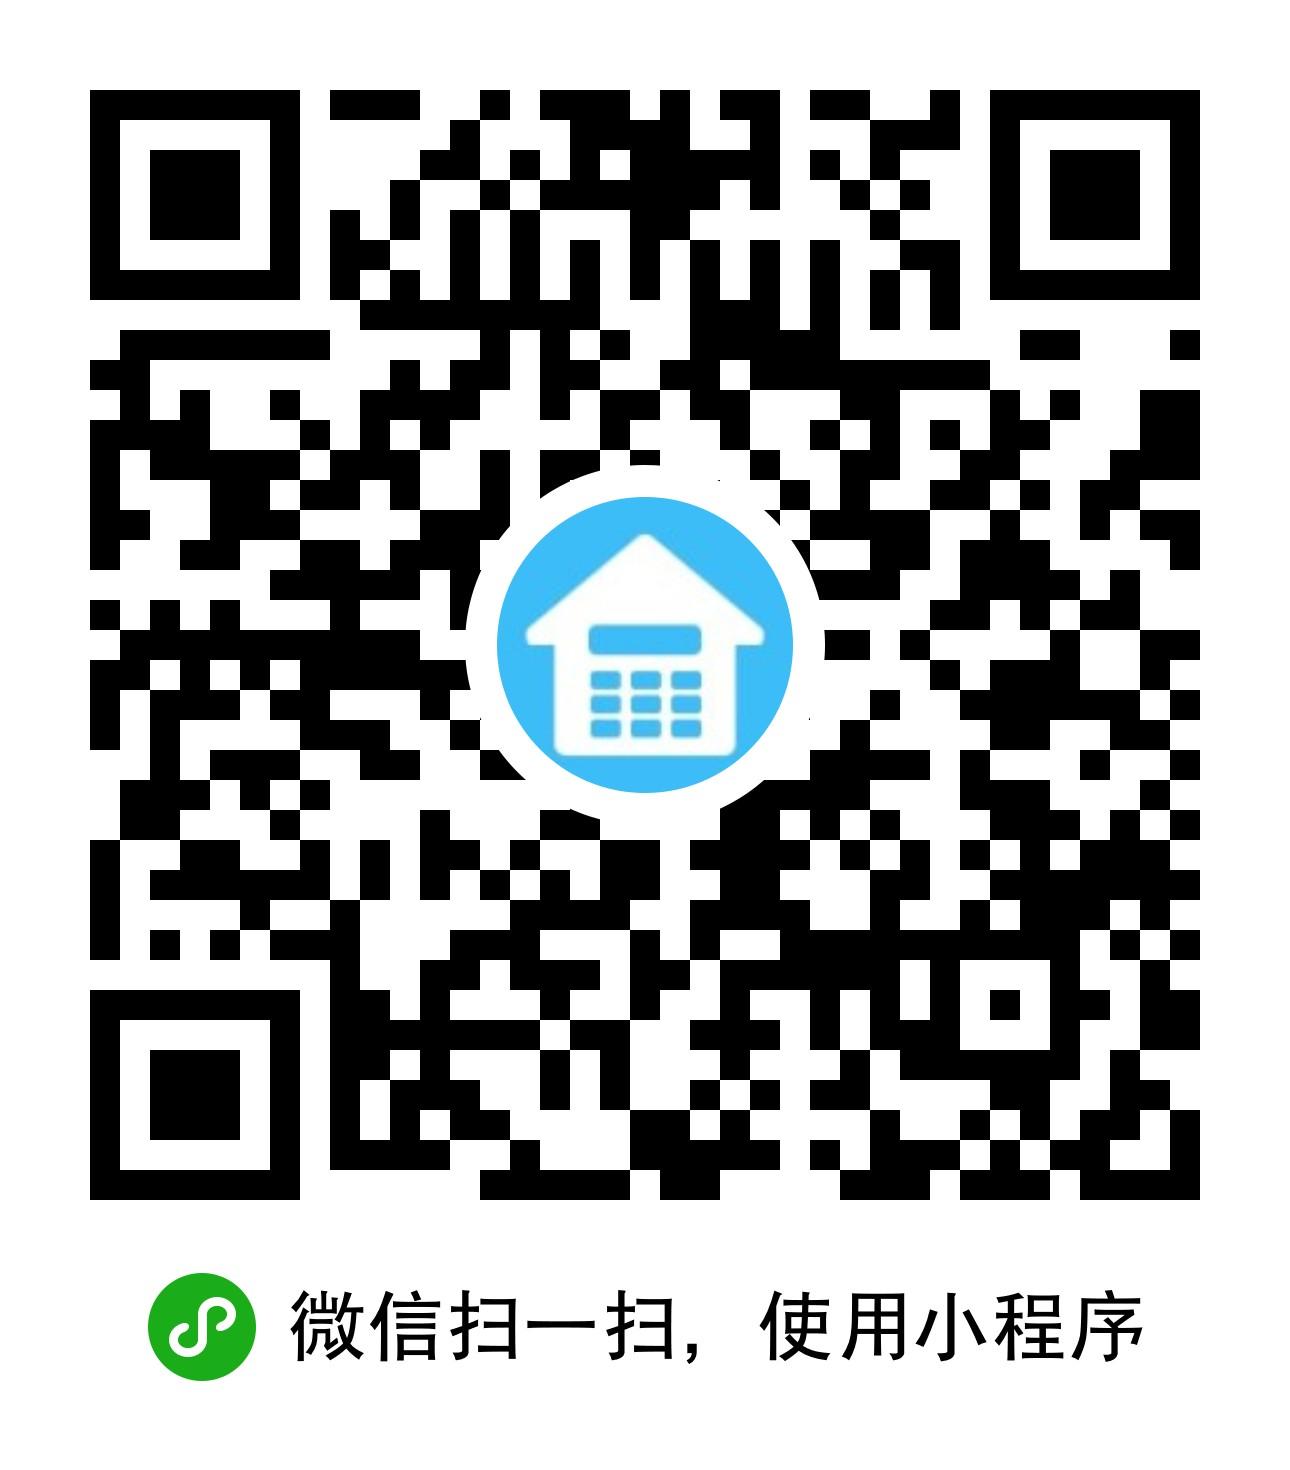 小程序上海房产税计算器二维码